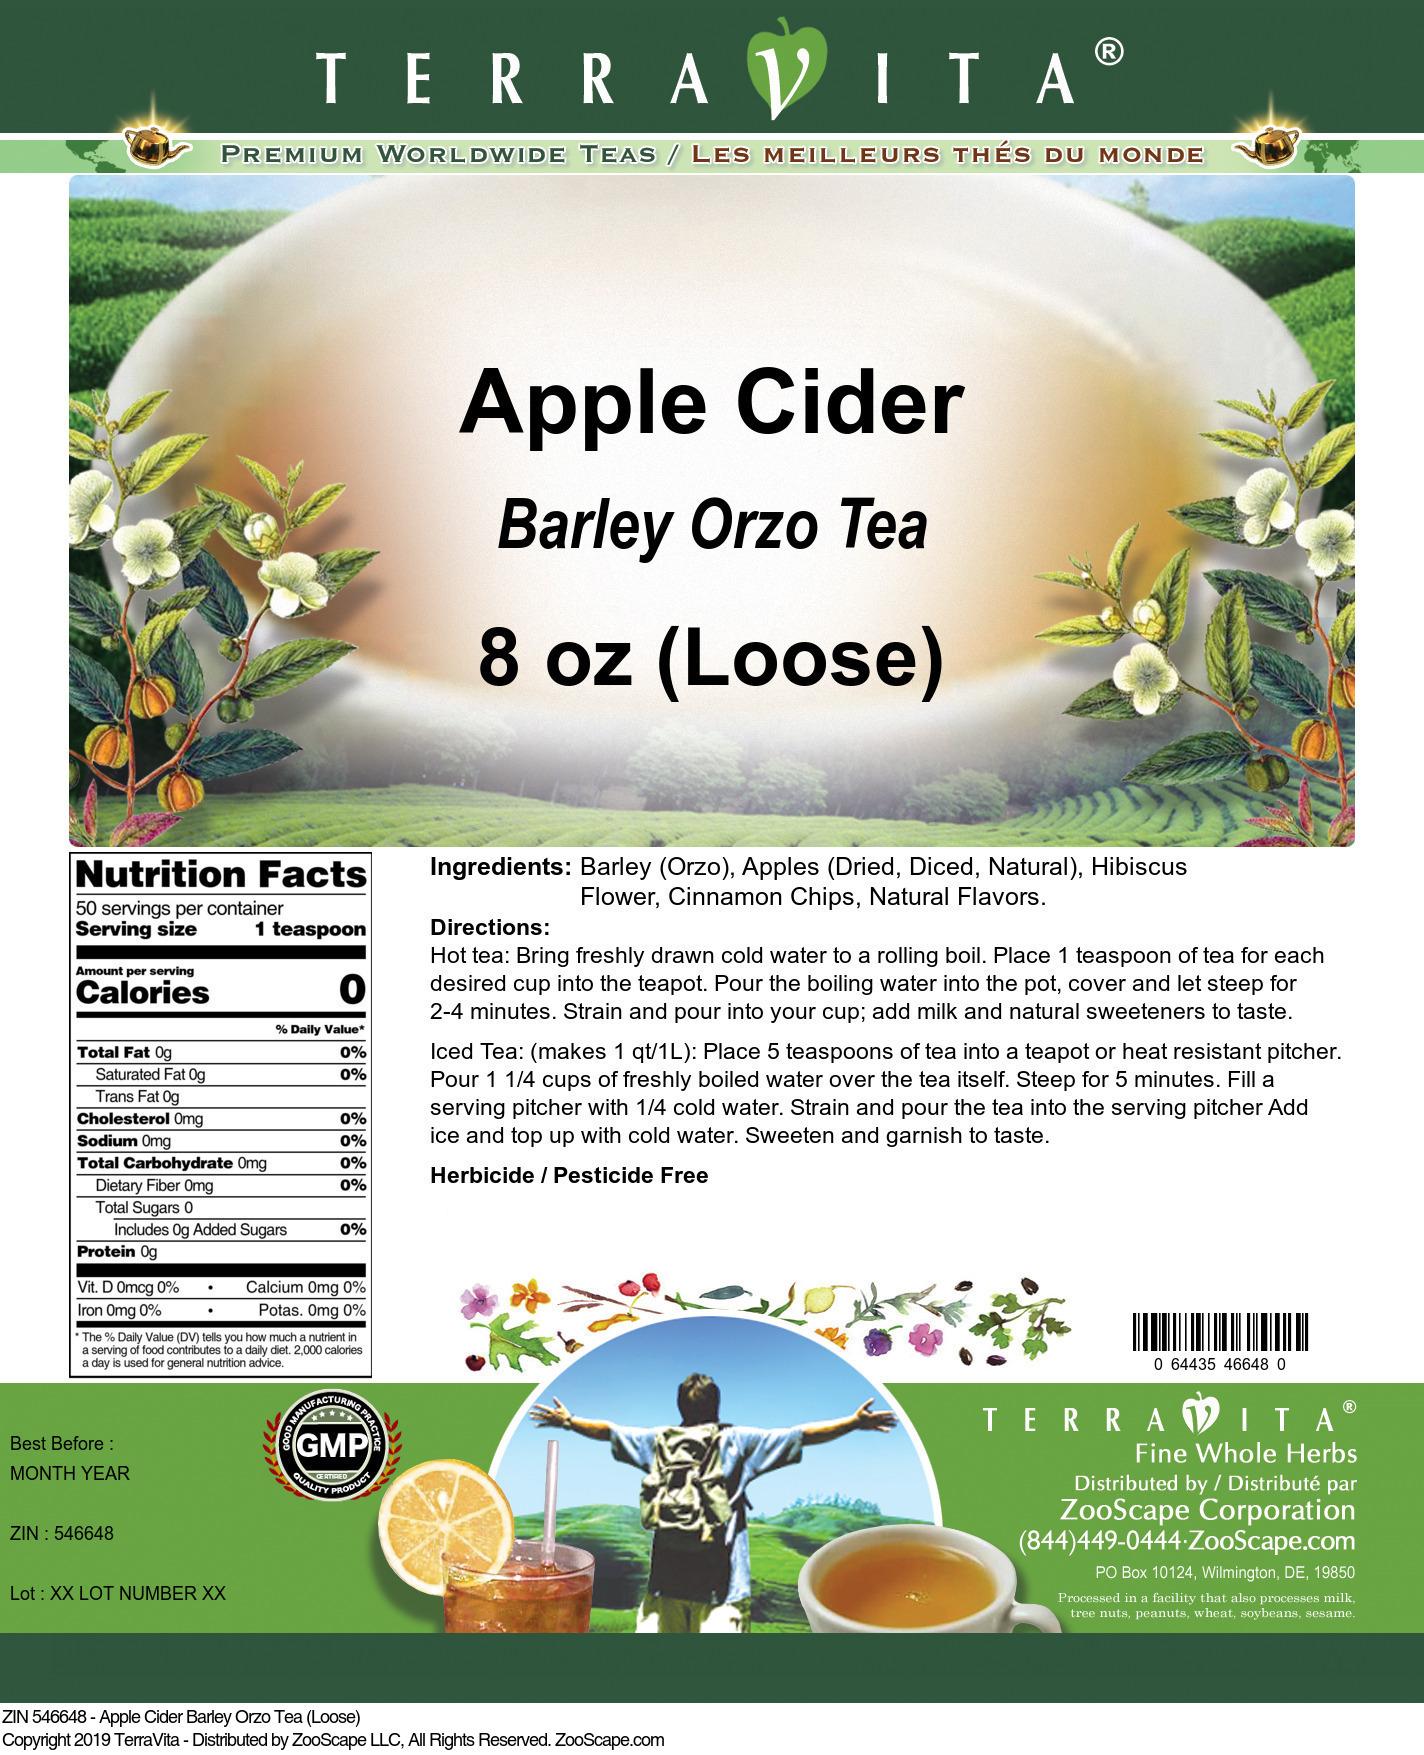 Apple Cider Barley Orzo